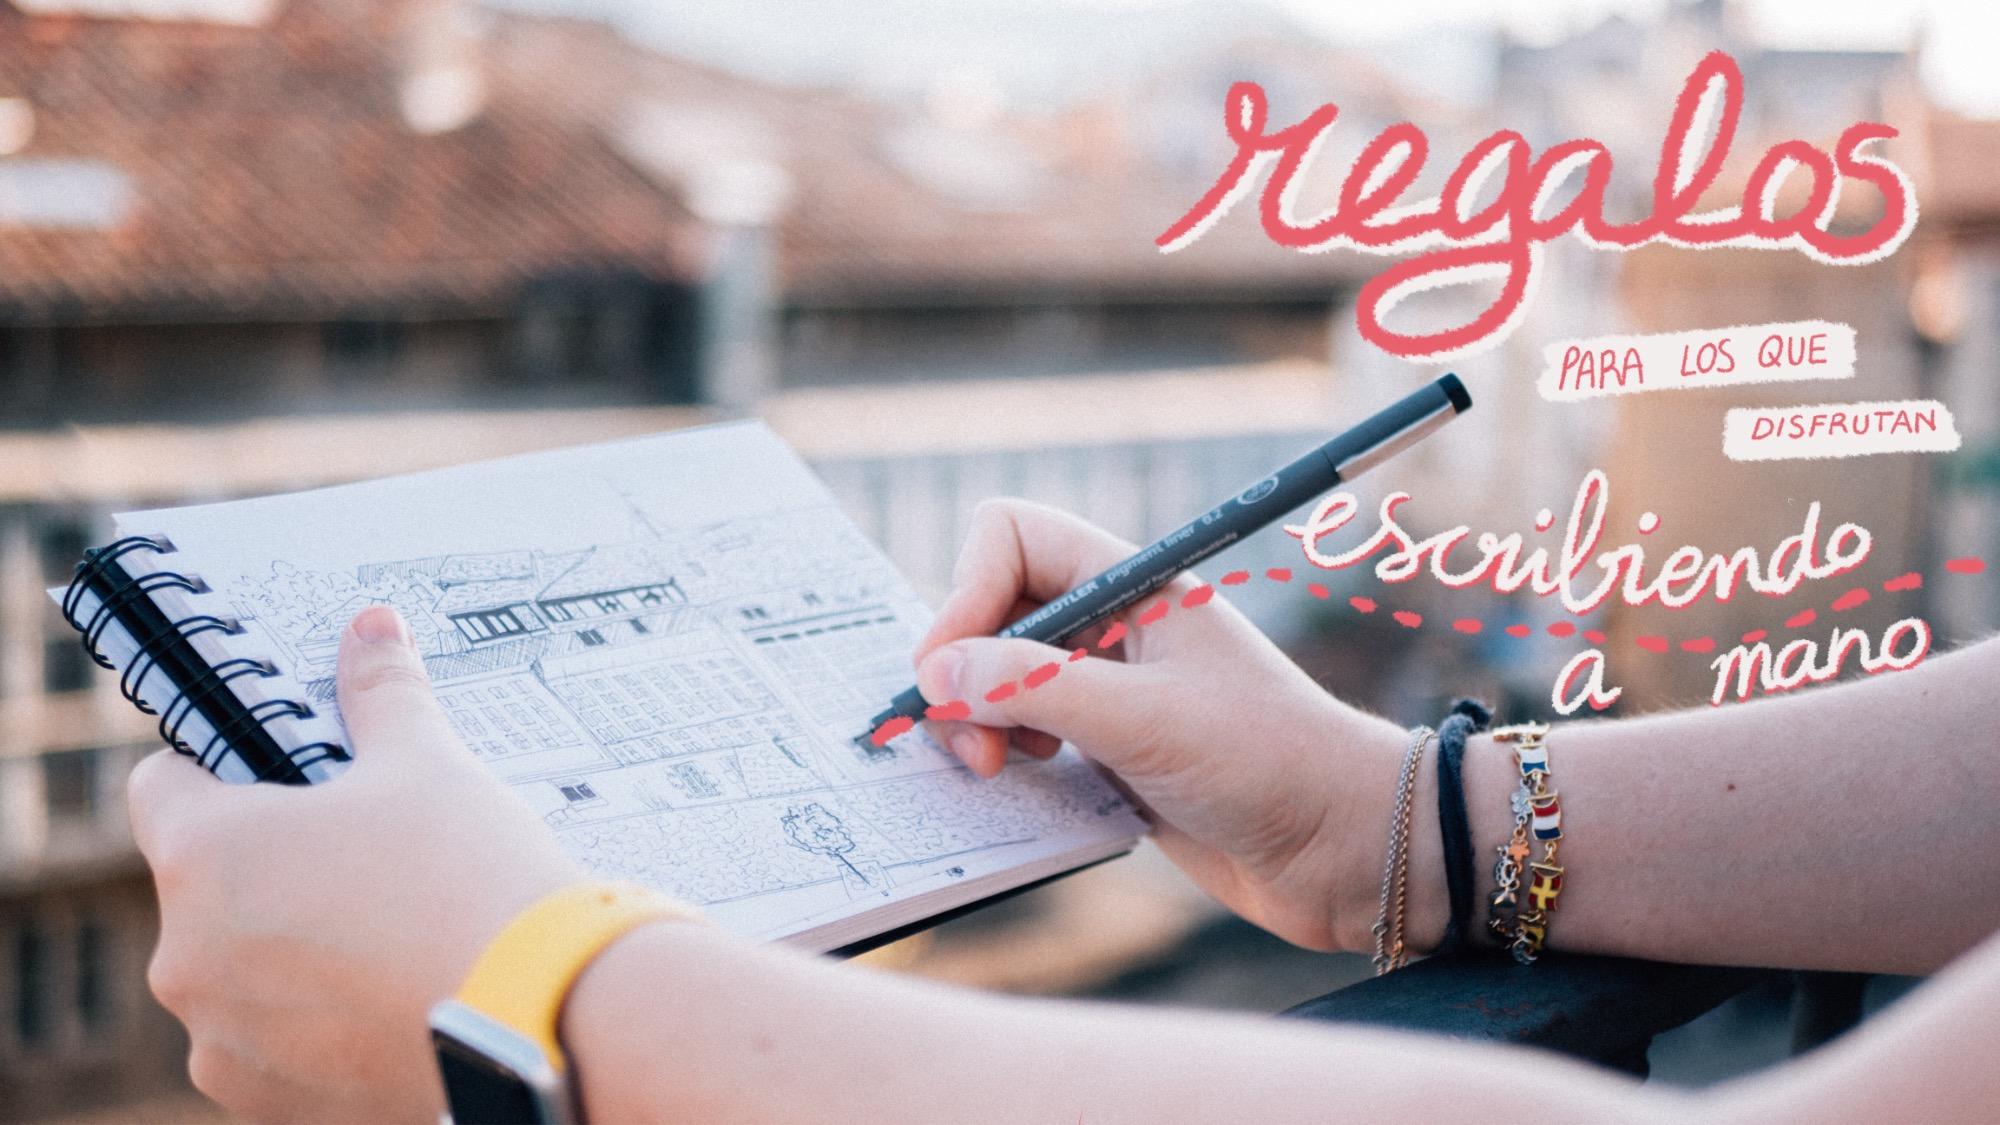 Los mejores regalos de papelería para los que disfrutan escribiendo a mano